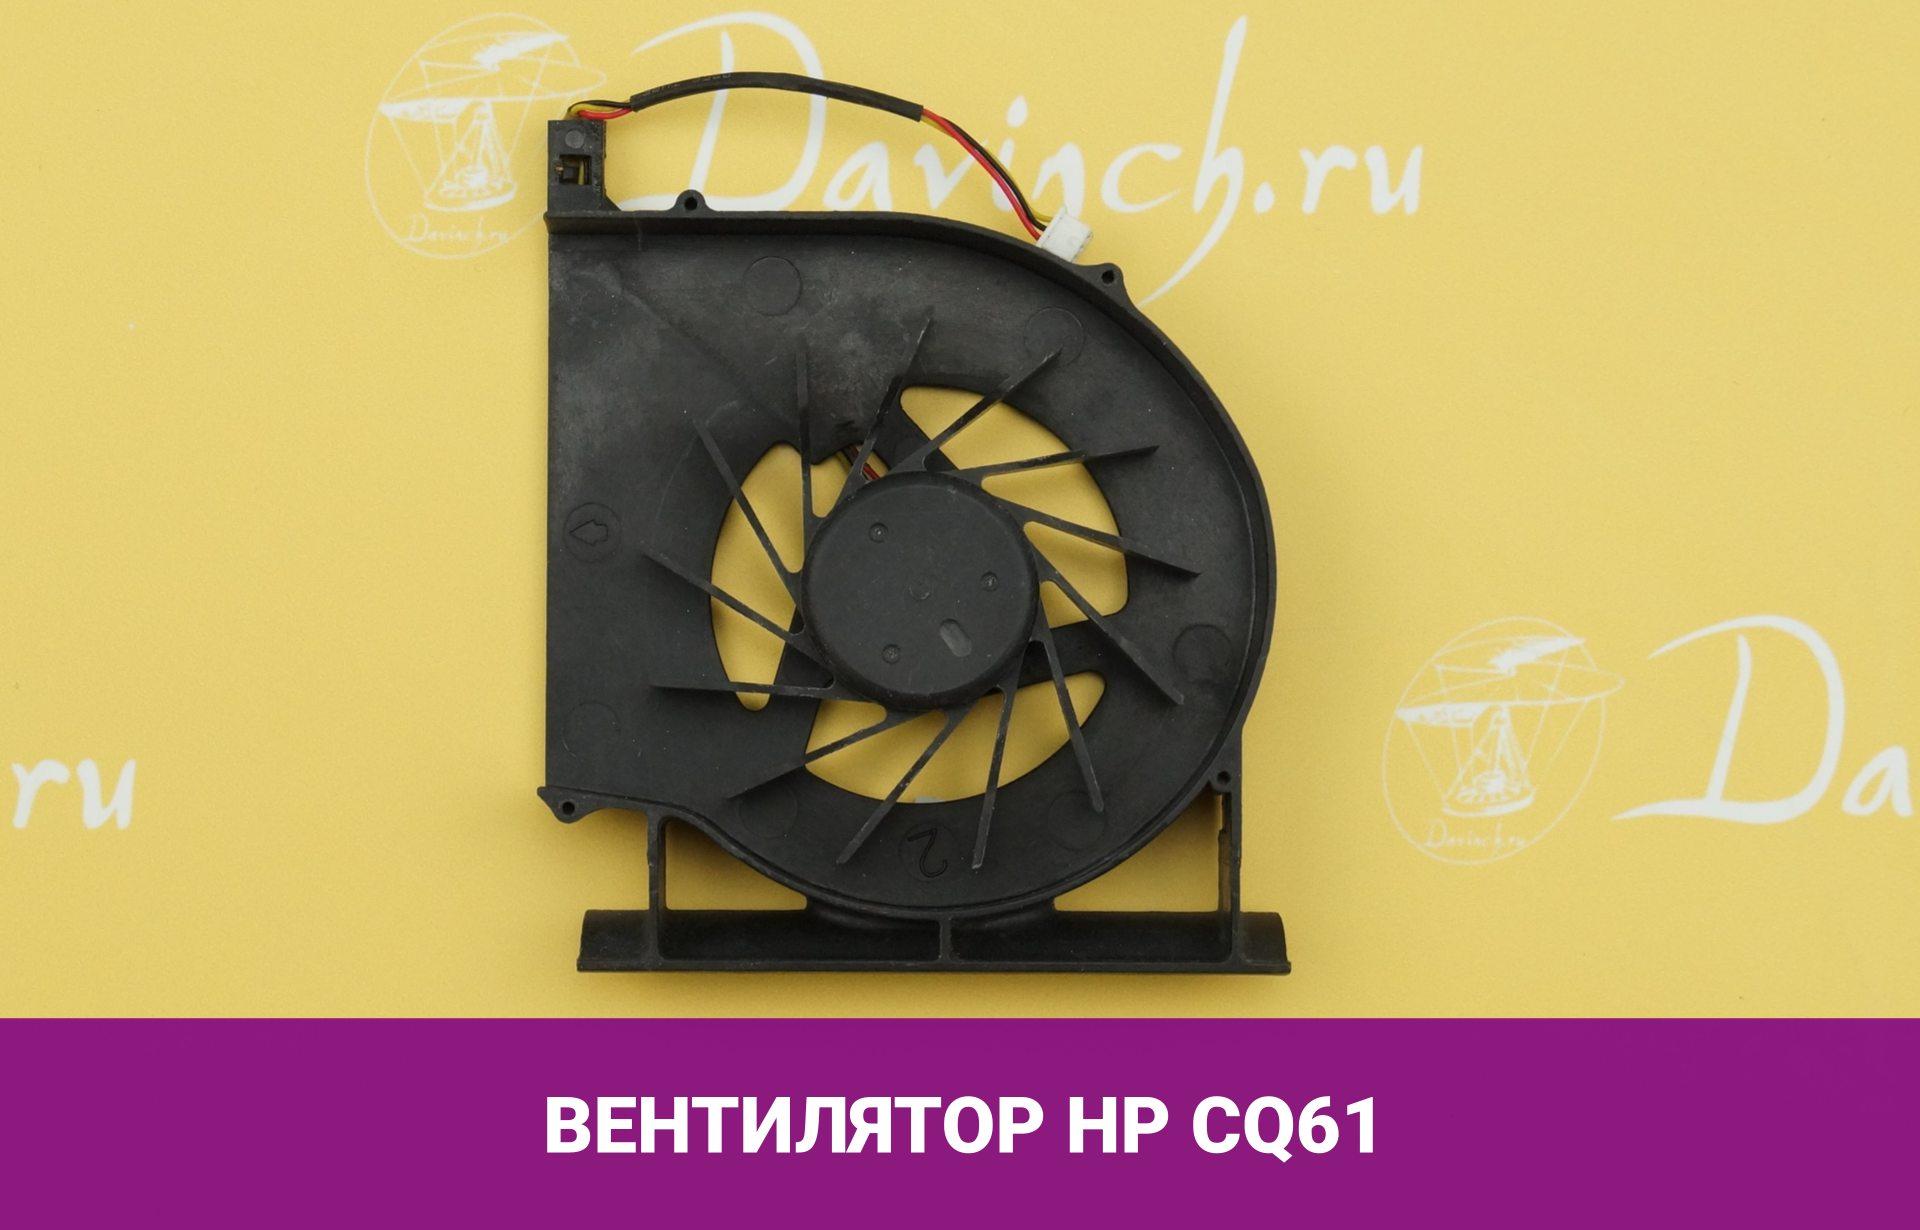 Вентилятор для ноутбука HP CQ61